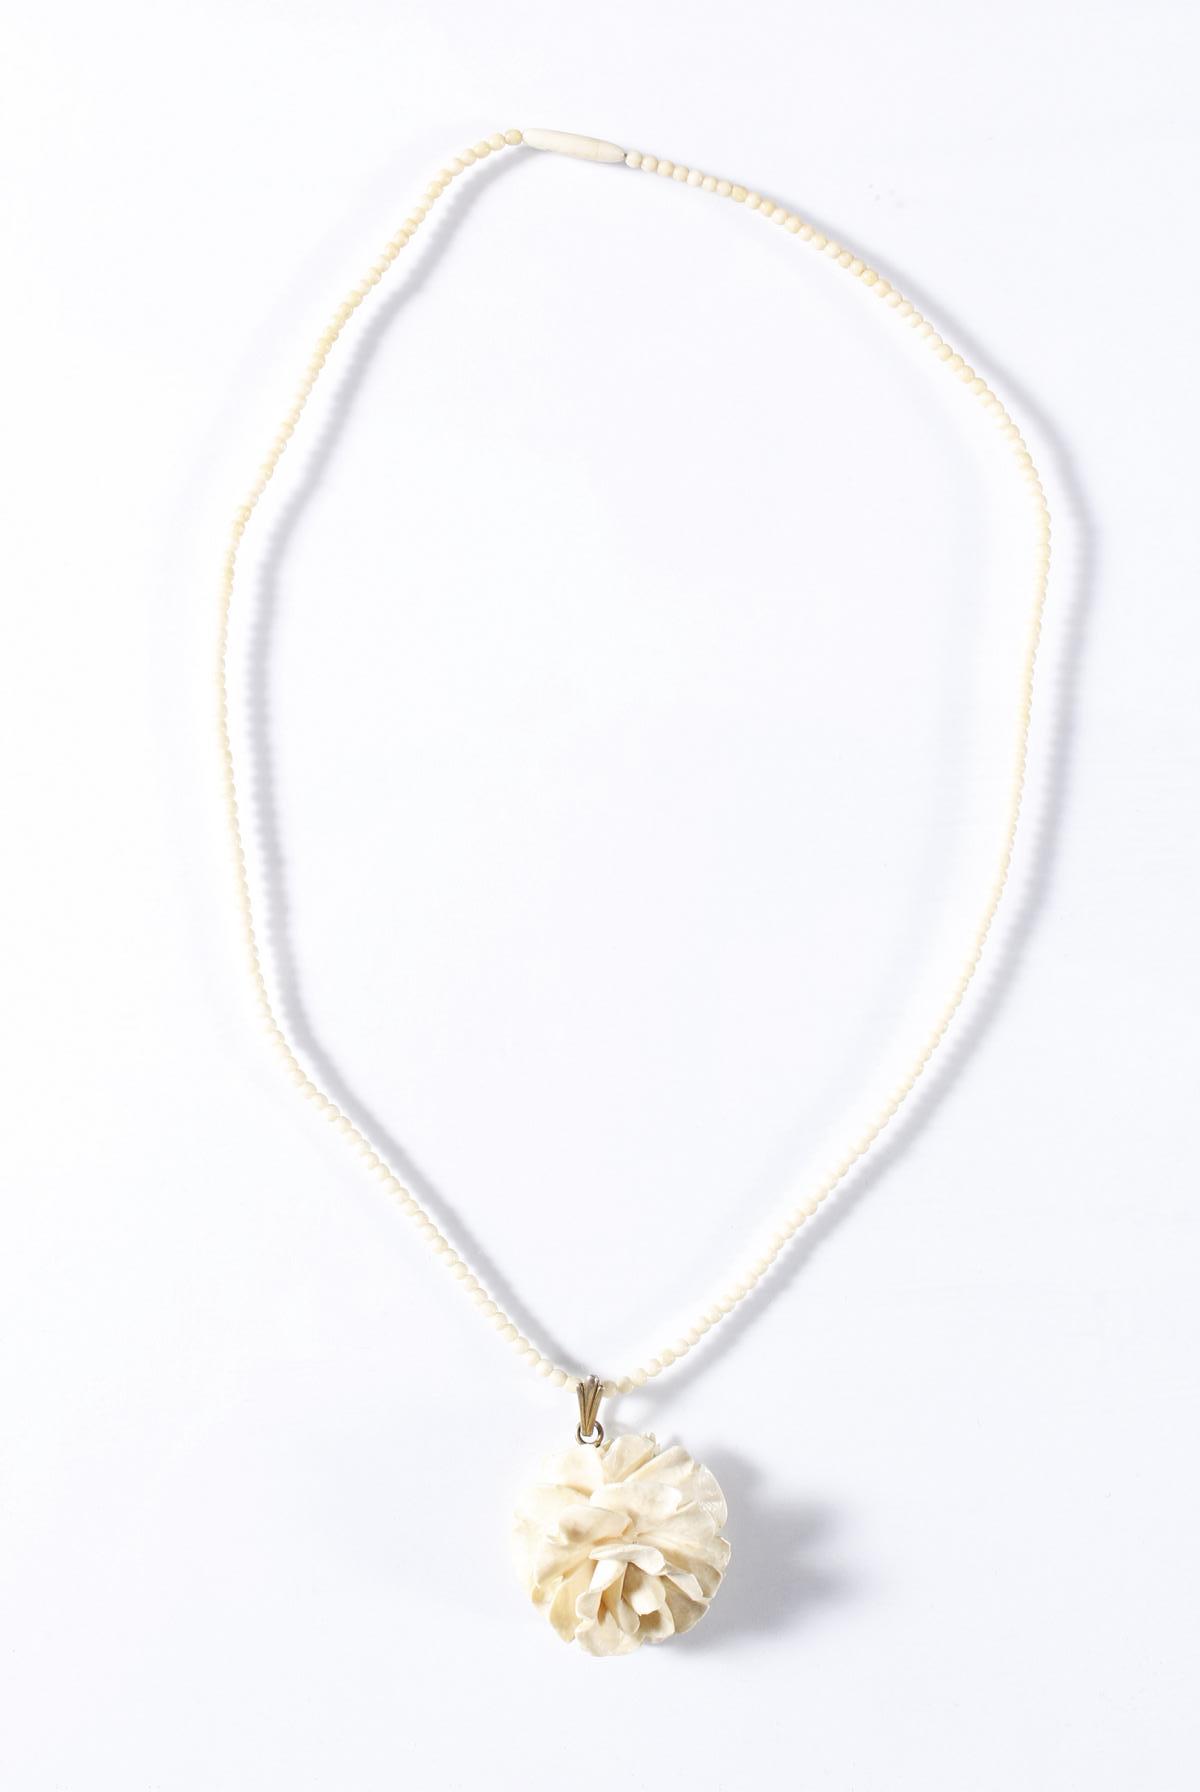 Elfenbein Halskette mit Erbacher Rosenanhänger, um 1900